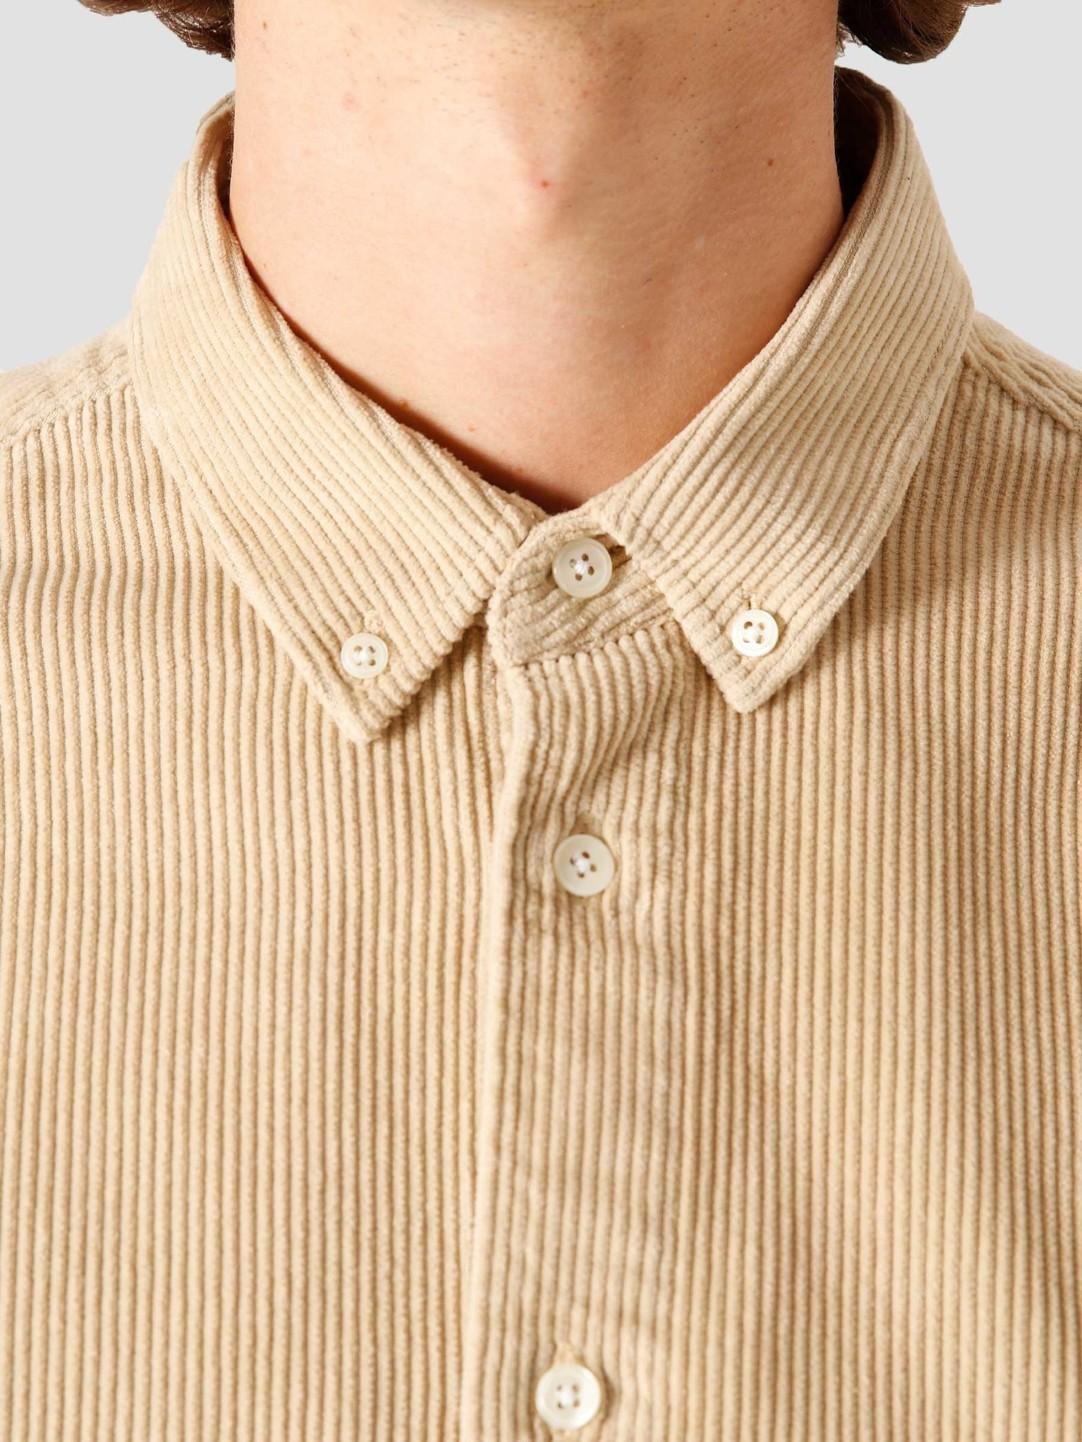 Quality Blanks Quality Blanks QB41 Cord Shirt Sand